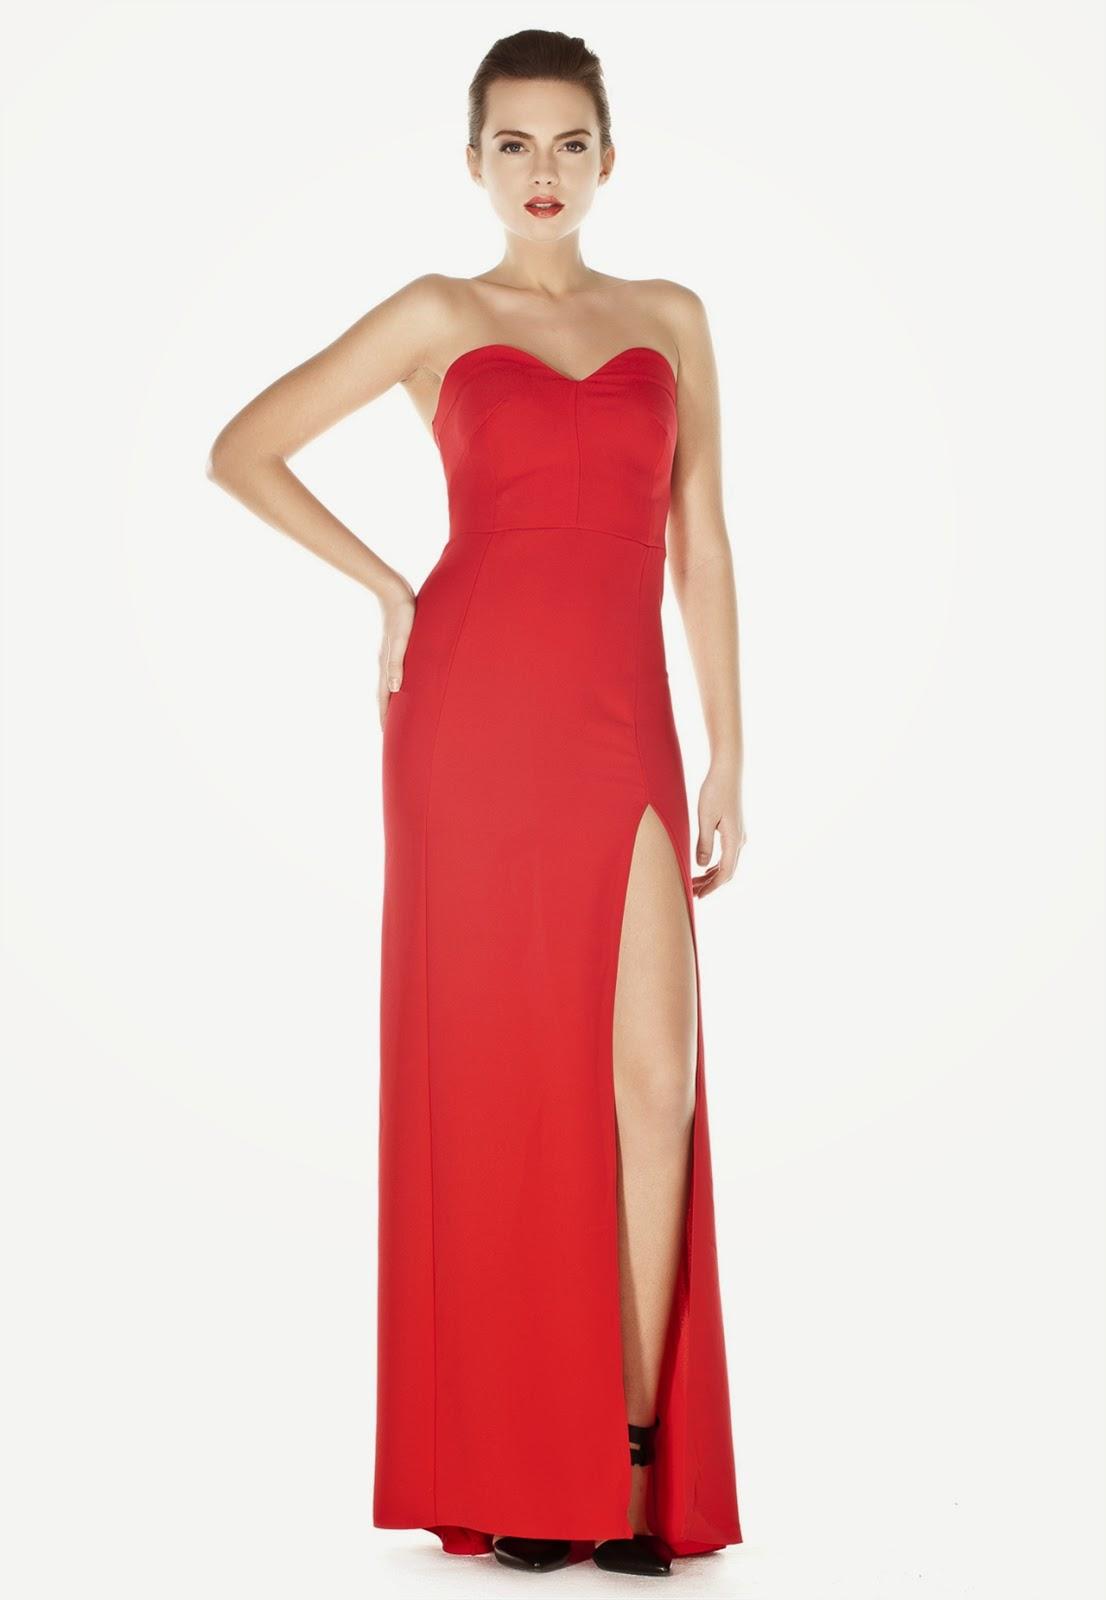 Adil Işık 2019 Abiye Elbise Modelleri